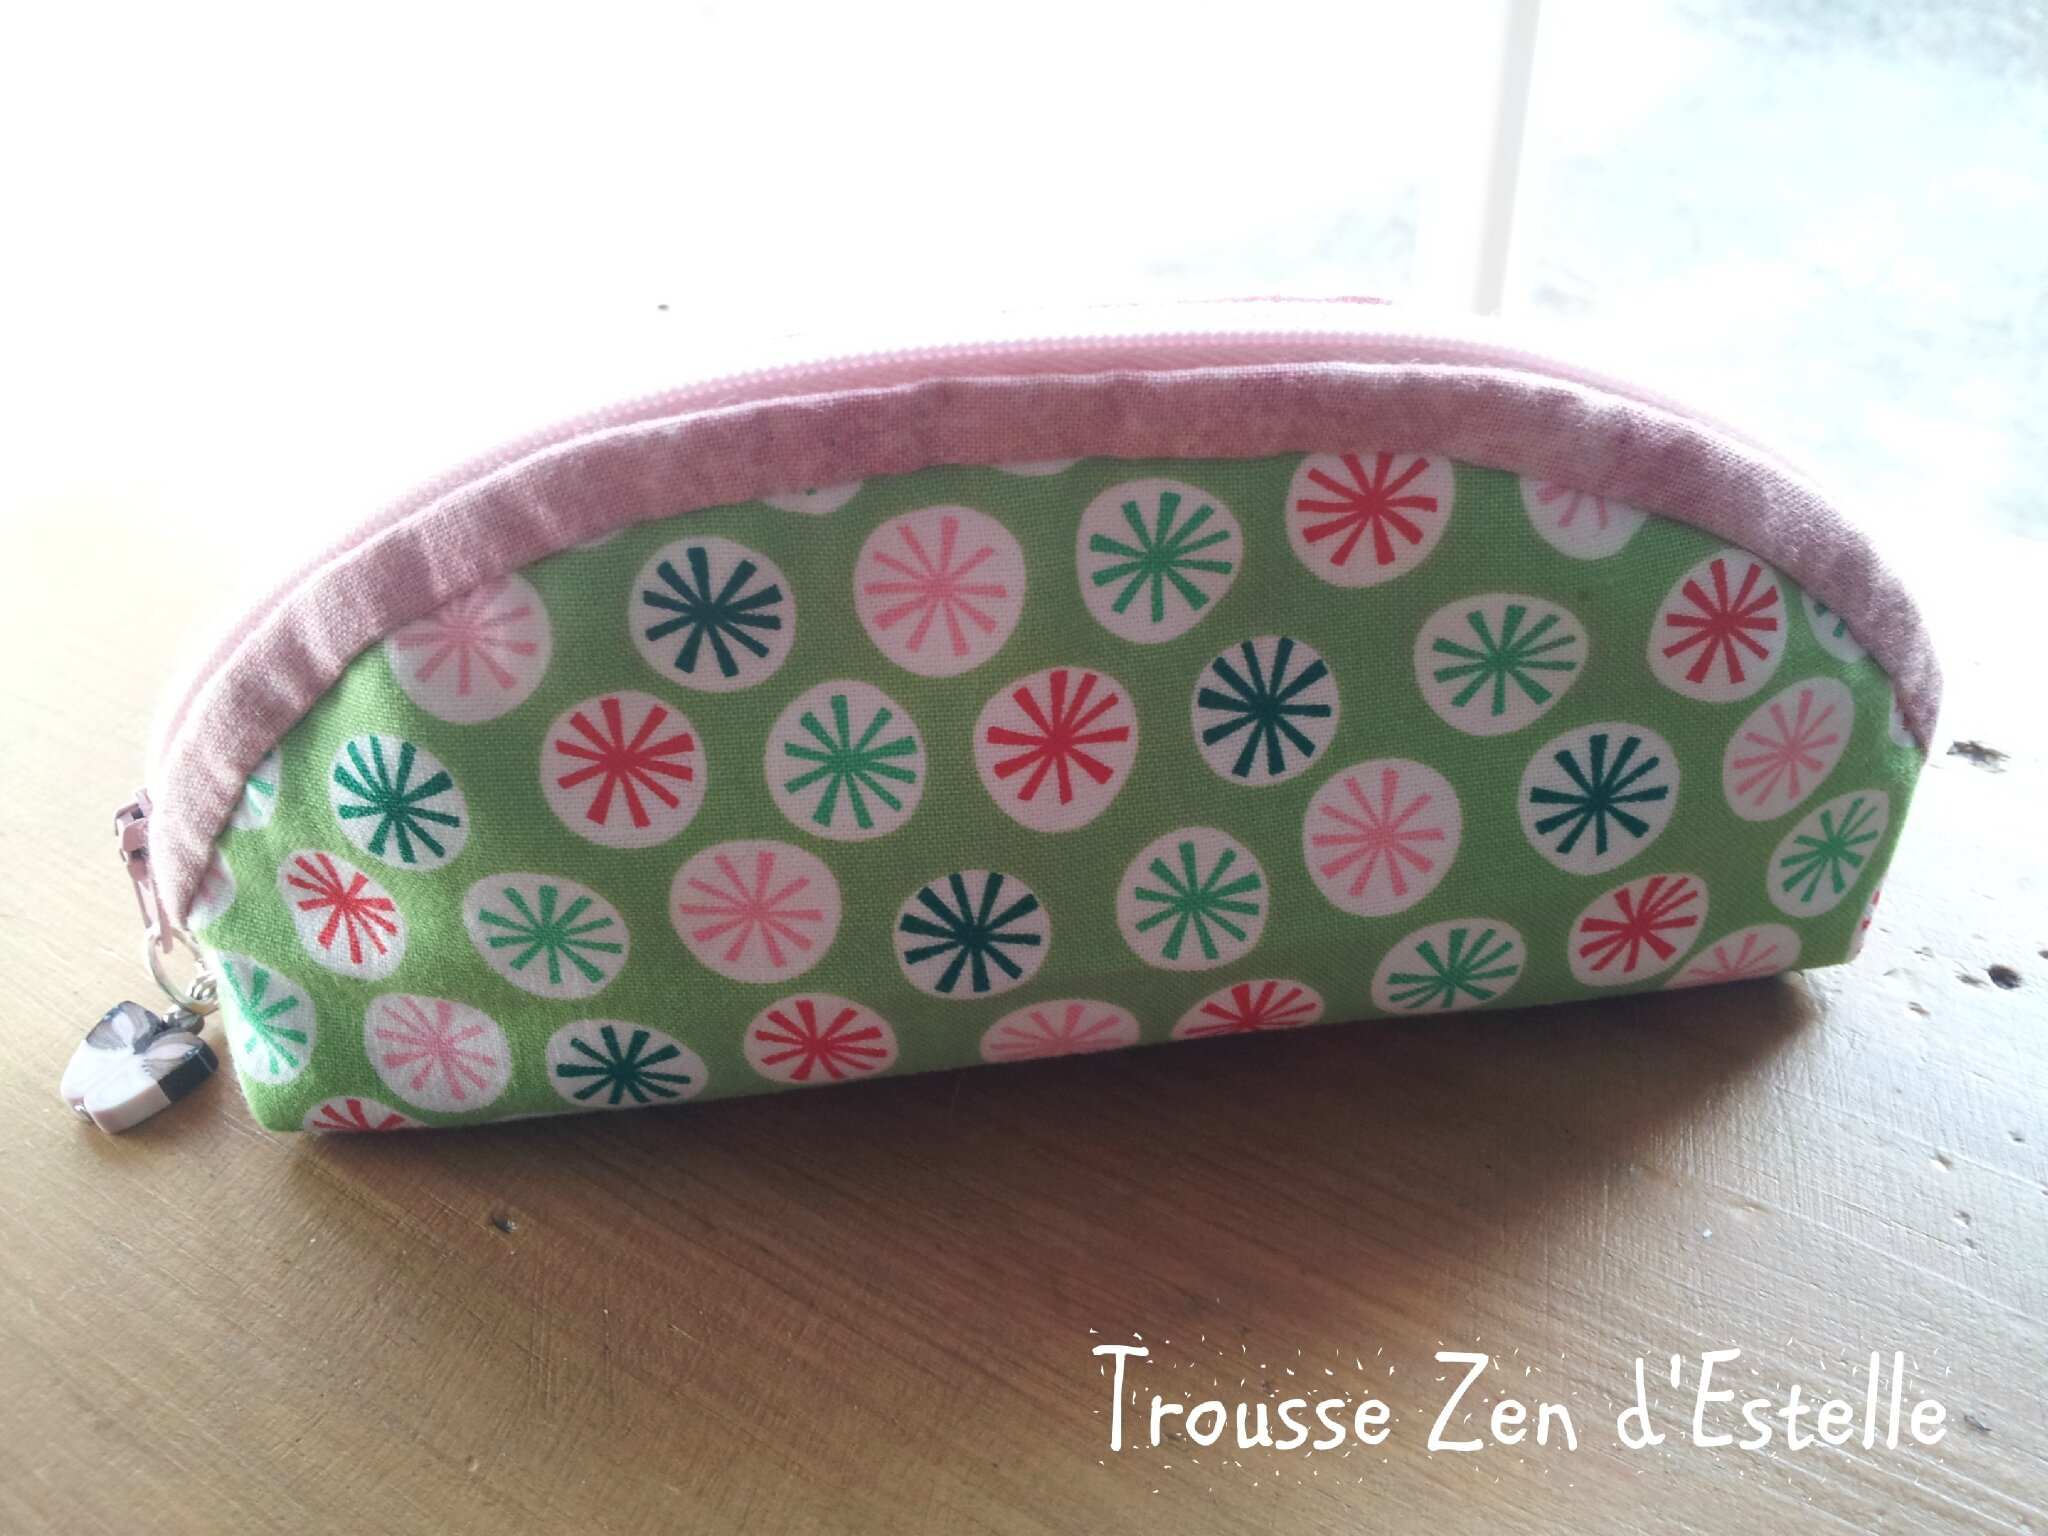 Trousse Zen 81 Estelle